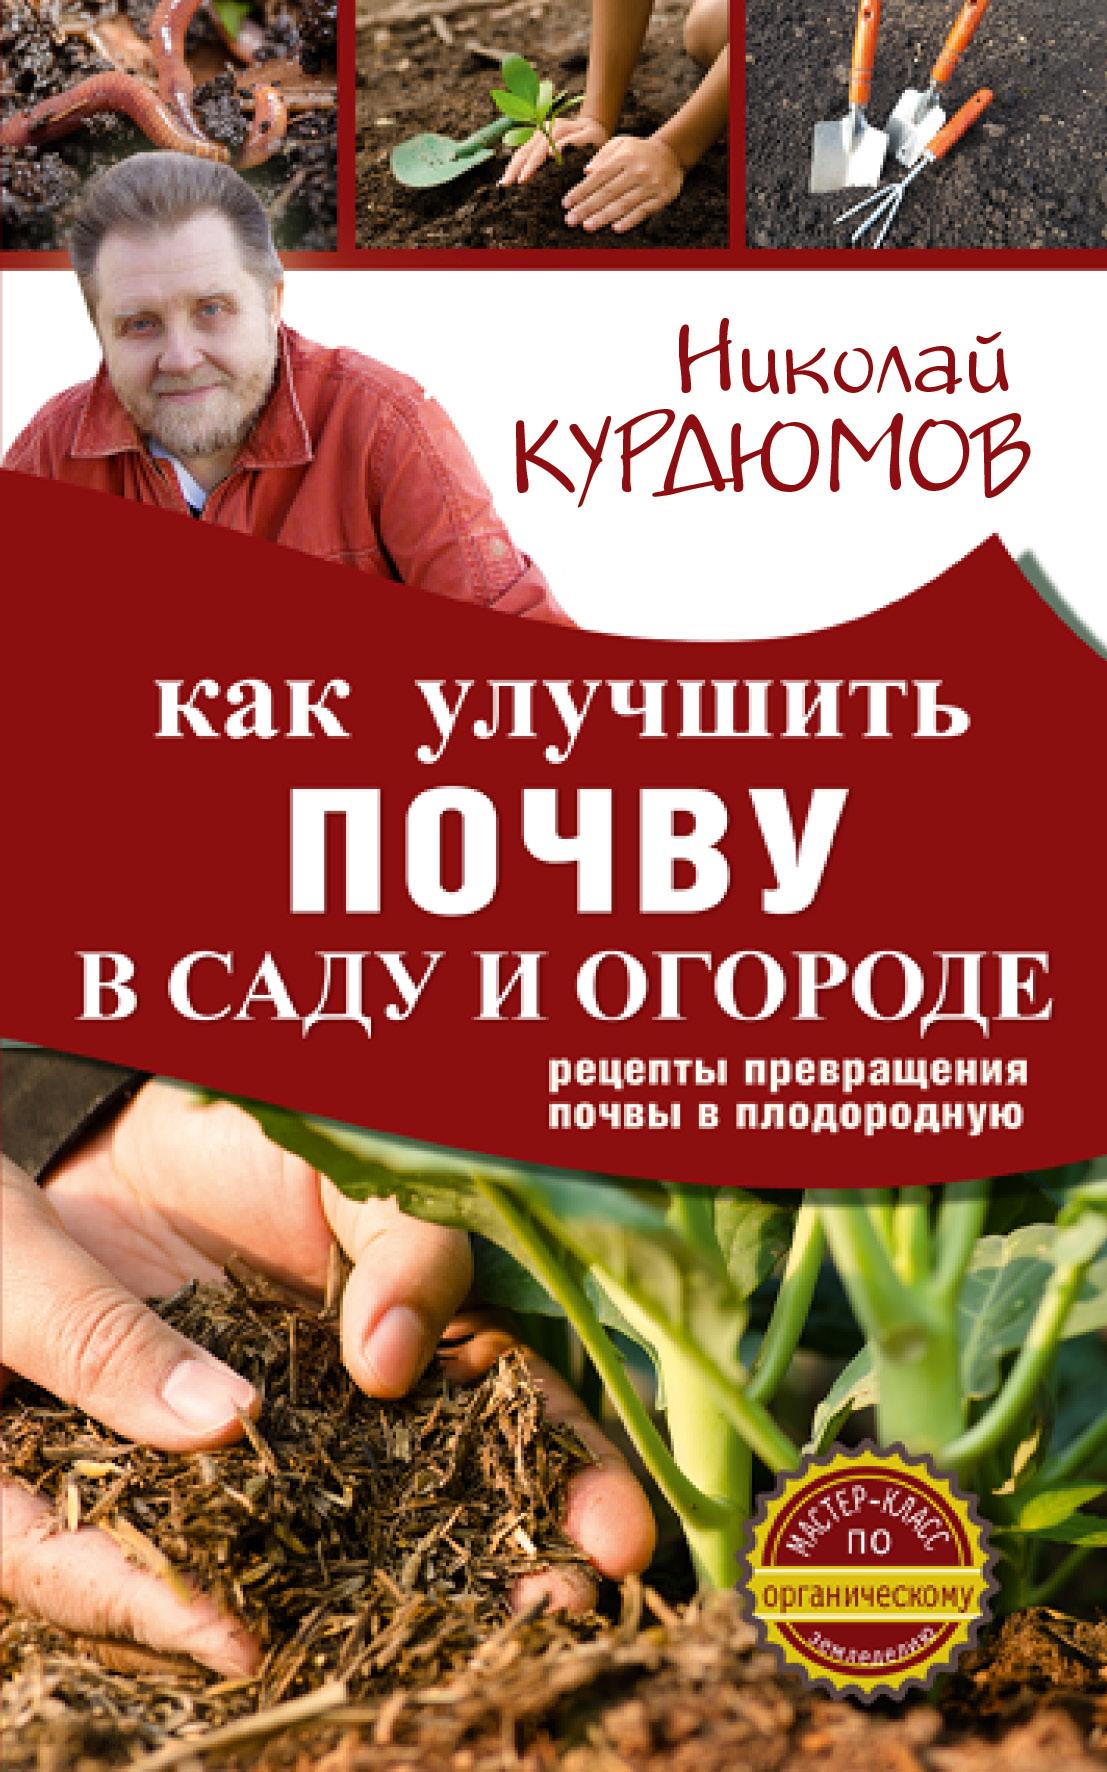 Курдюмов Николай Иванович Как улучшить почву в саду и огороде. Рецепты превращения почвы в плодородную курдюмов николай иванович курдюмов дачнаяшкола моя урожайная теплица